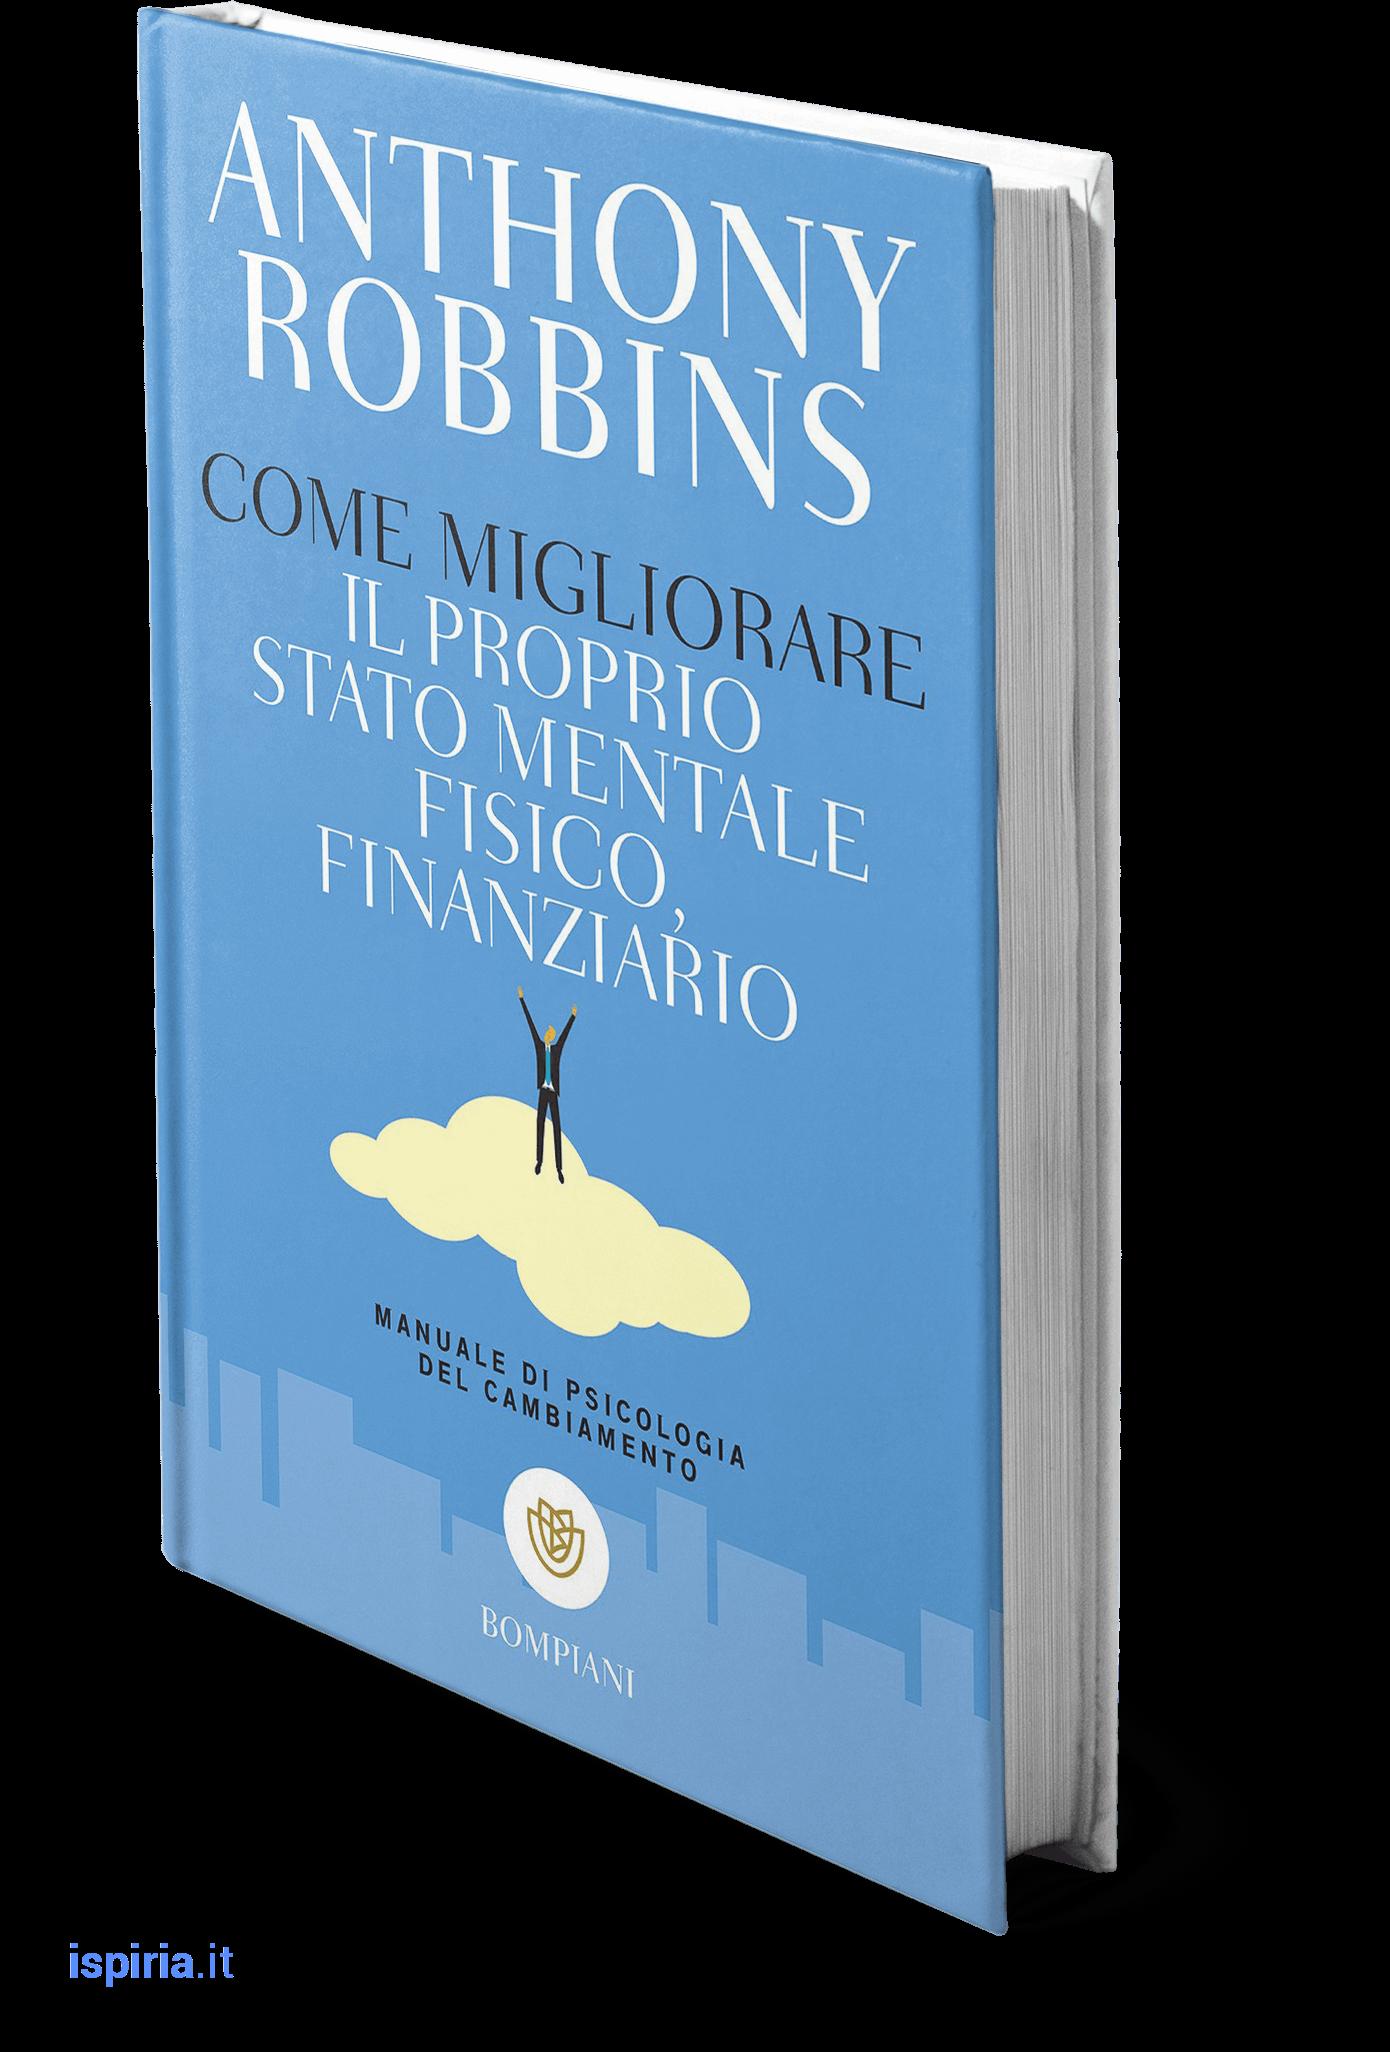 migliori libri anthony robbins tony come migliorare il proprio stato mentale fisico e finanziario